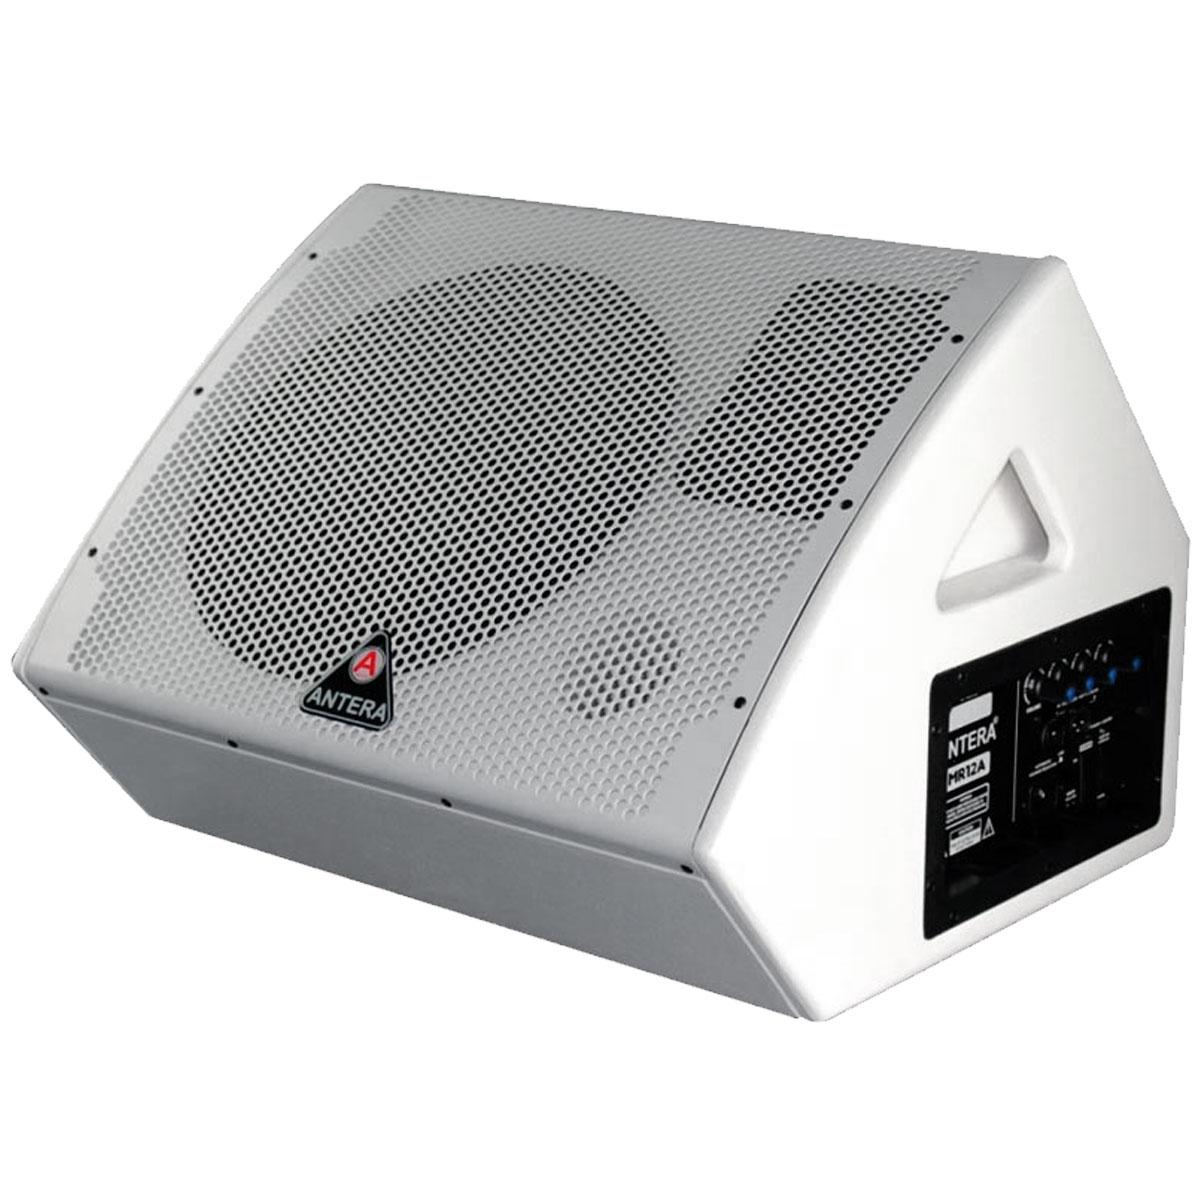 Monitor Ativo 200W Branco MR12A - Antera